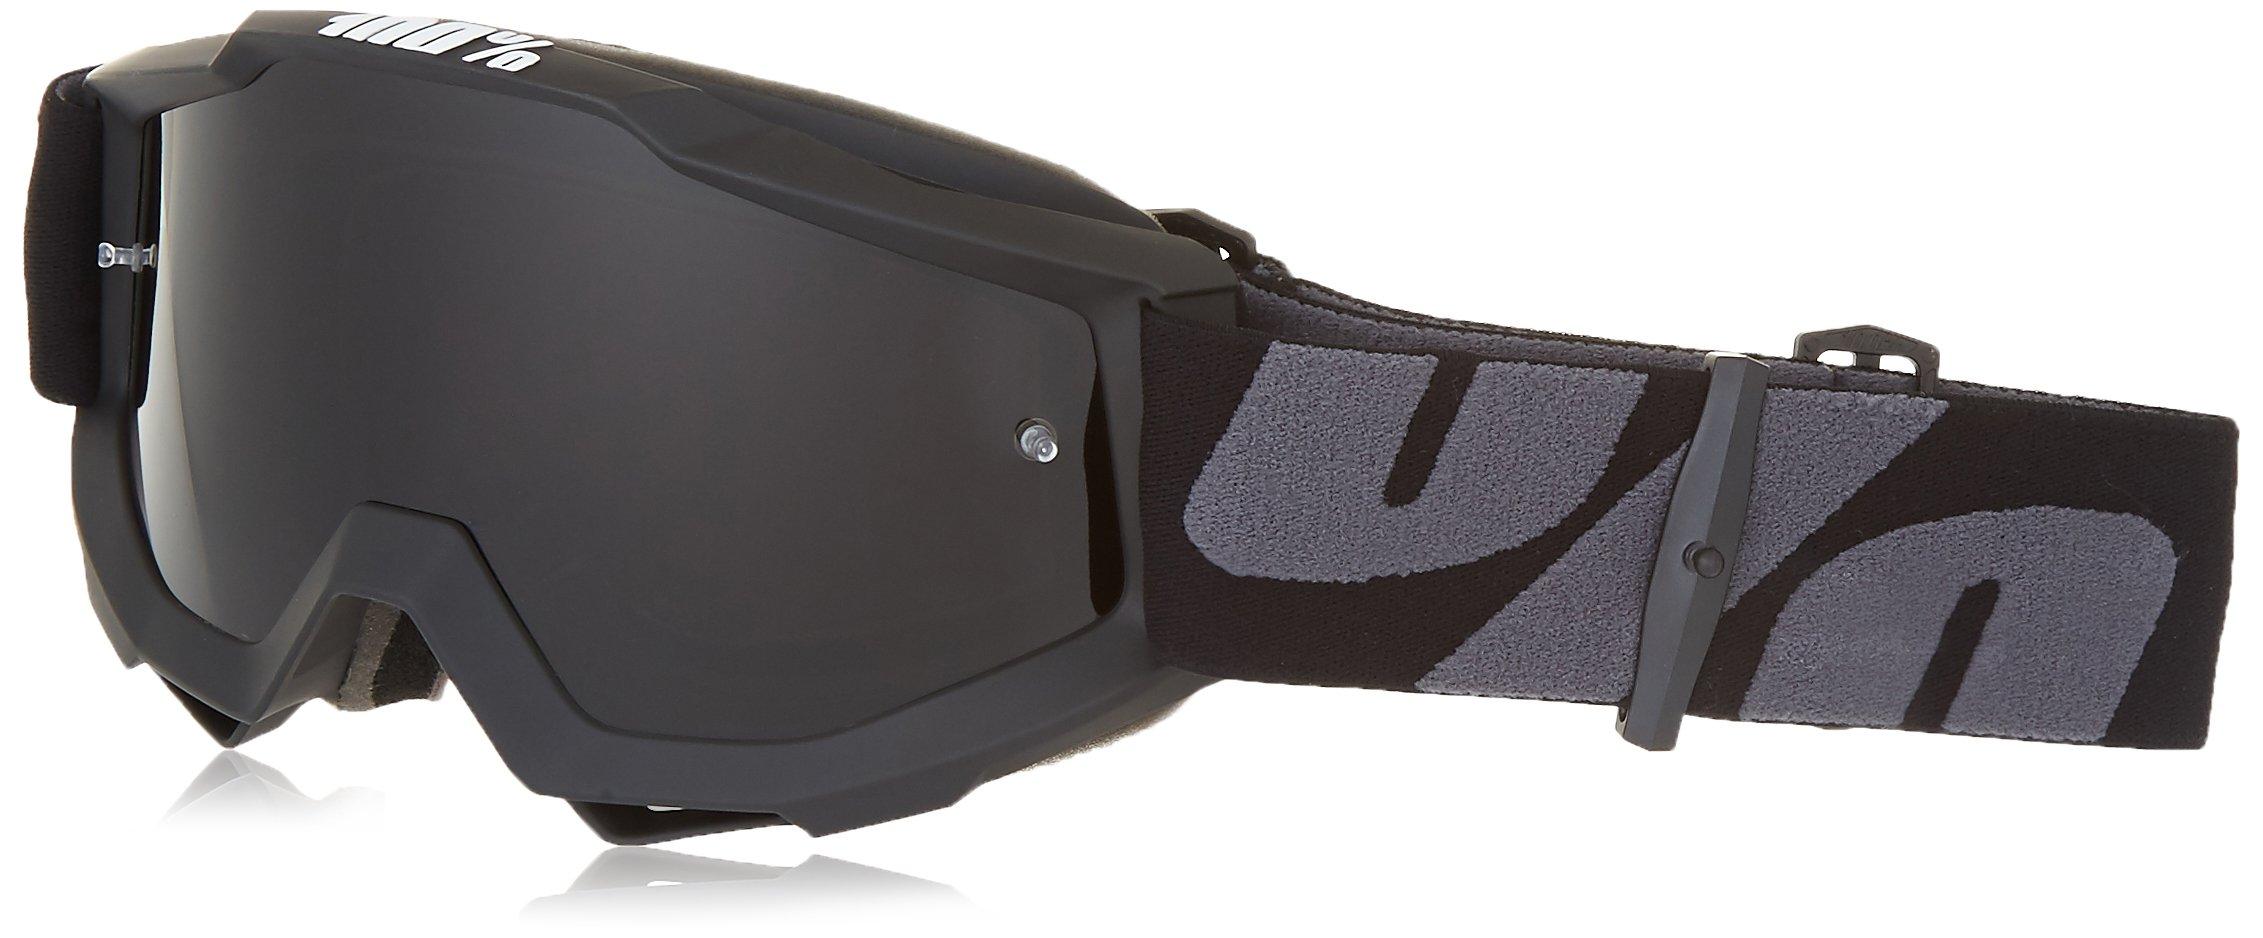 100% 50205-118-01 unisex-adult Goggle (Grey,Smoke,One Size) (OTG SUPER Black OTG DKGrey)